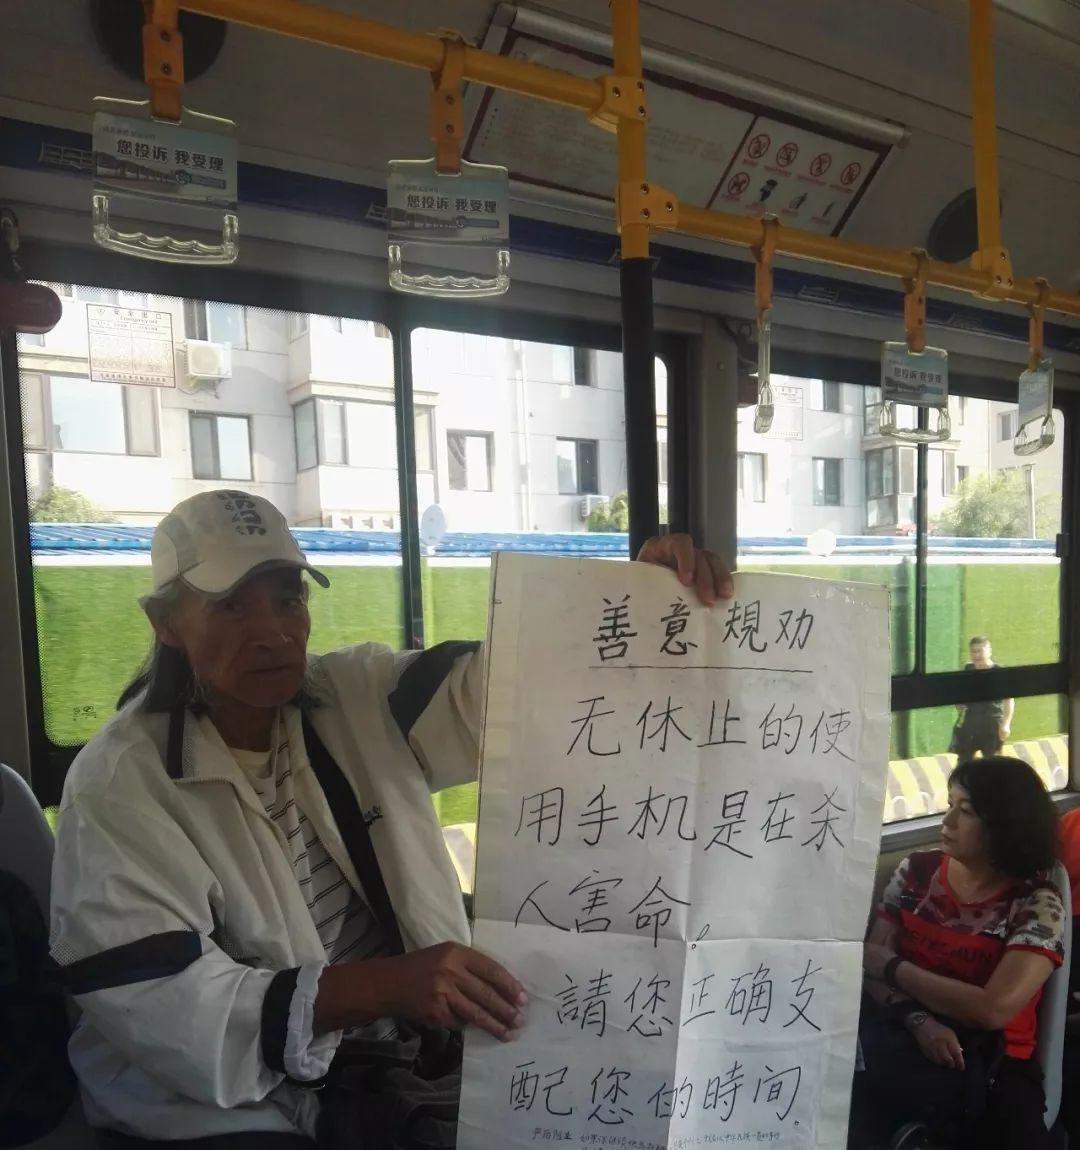 沈阳75岁大爷坐公交举宣传牌:无休止使用手机是杀人害命